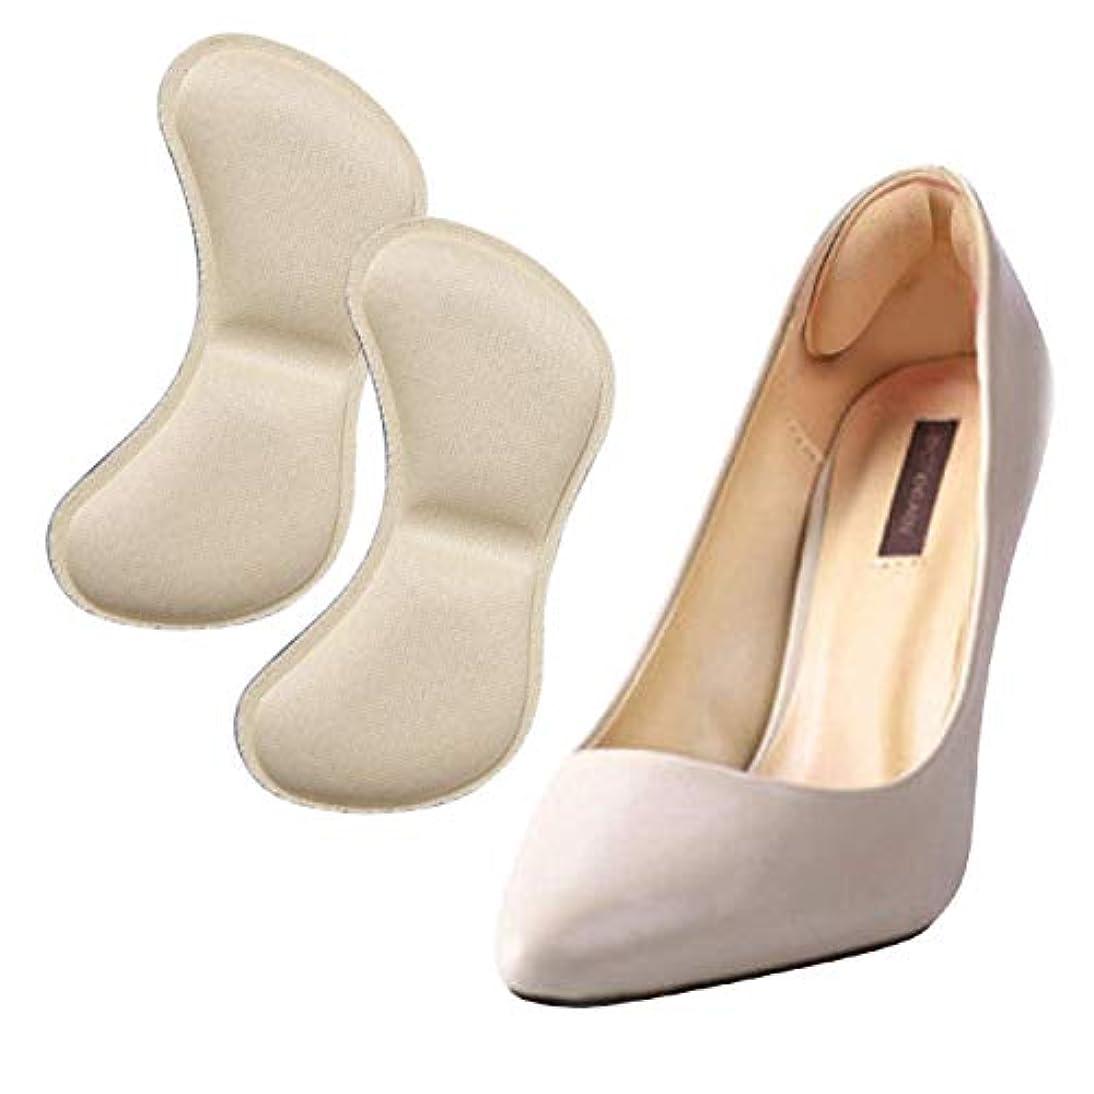 見物人概要木材sac taske かかとパッド レディース 靴ずれ 防止 パッド かかと 足用 ヒール 保護 10足 (ベージュ 10足セット)